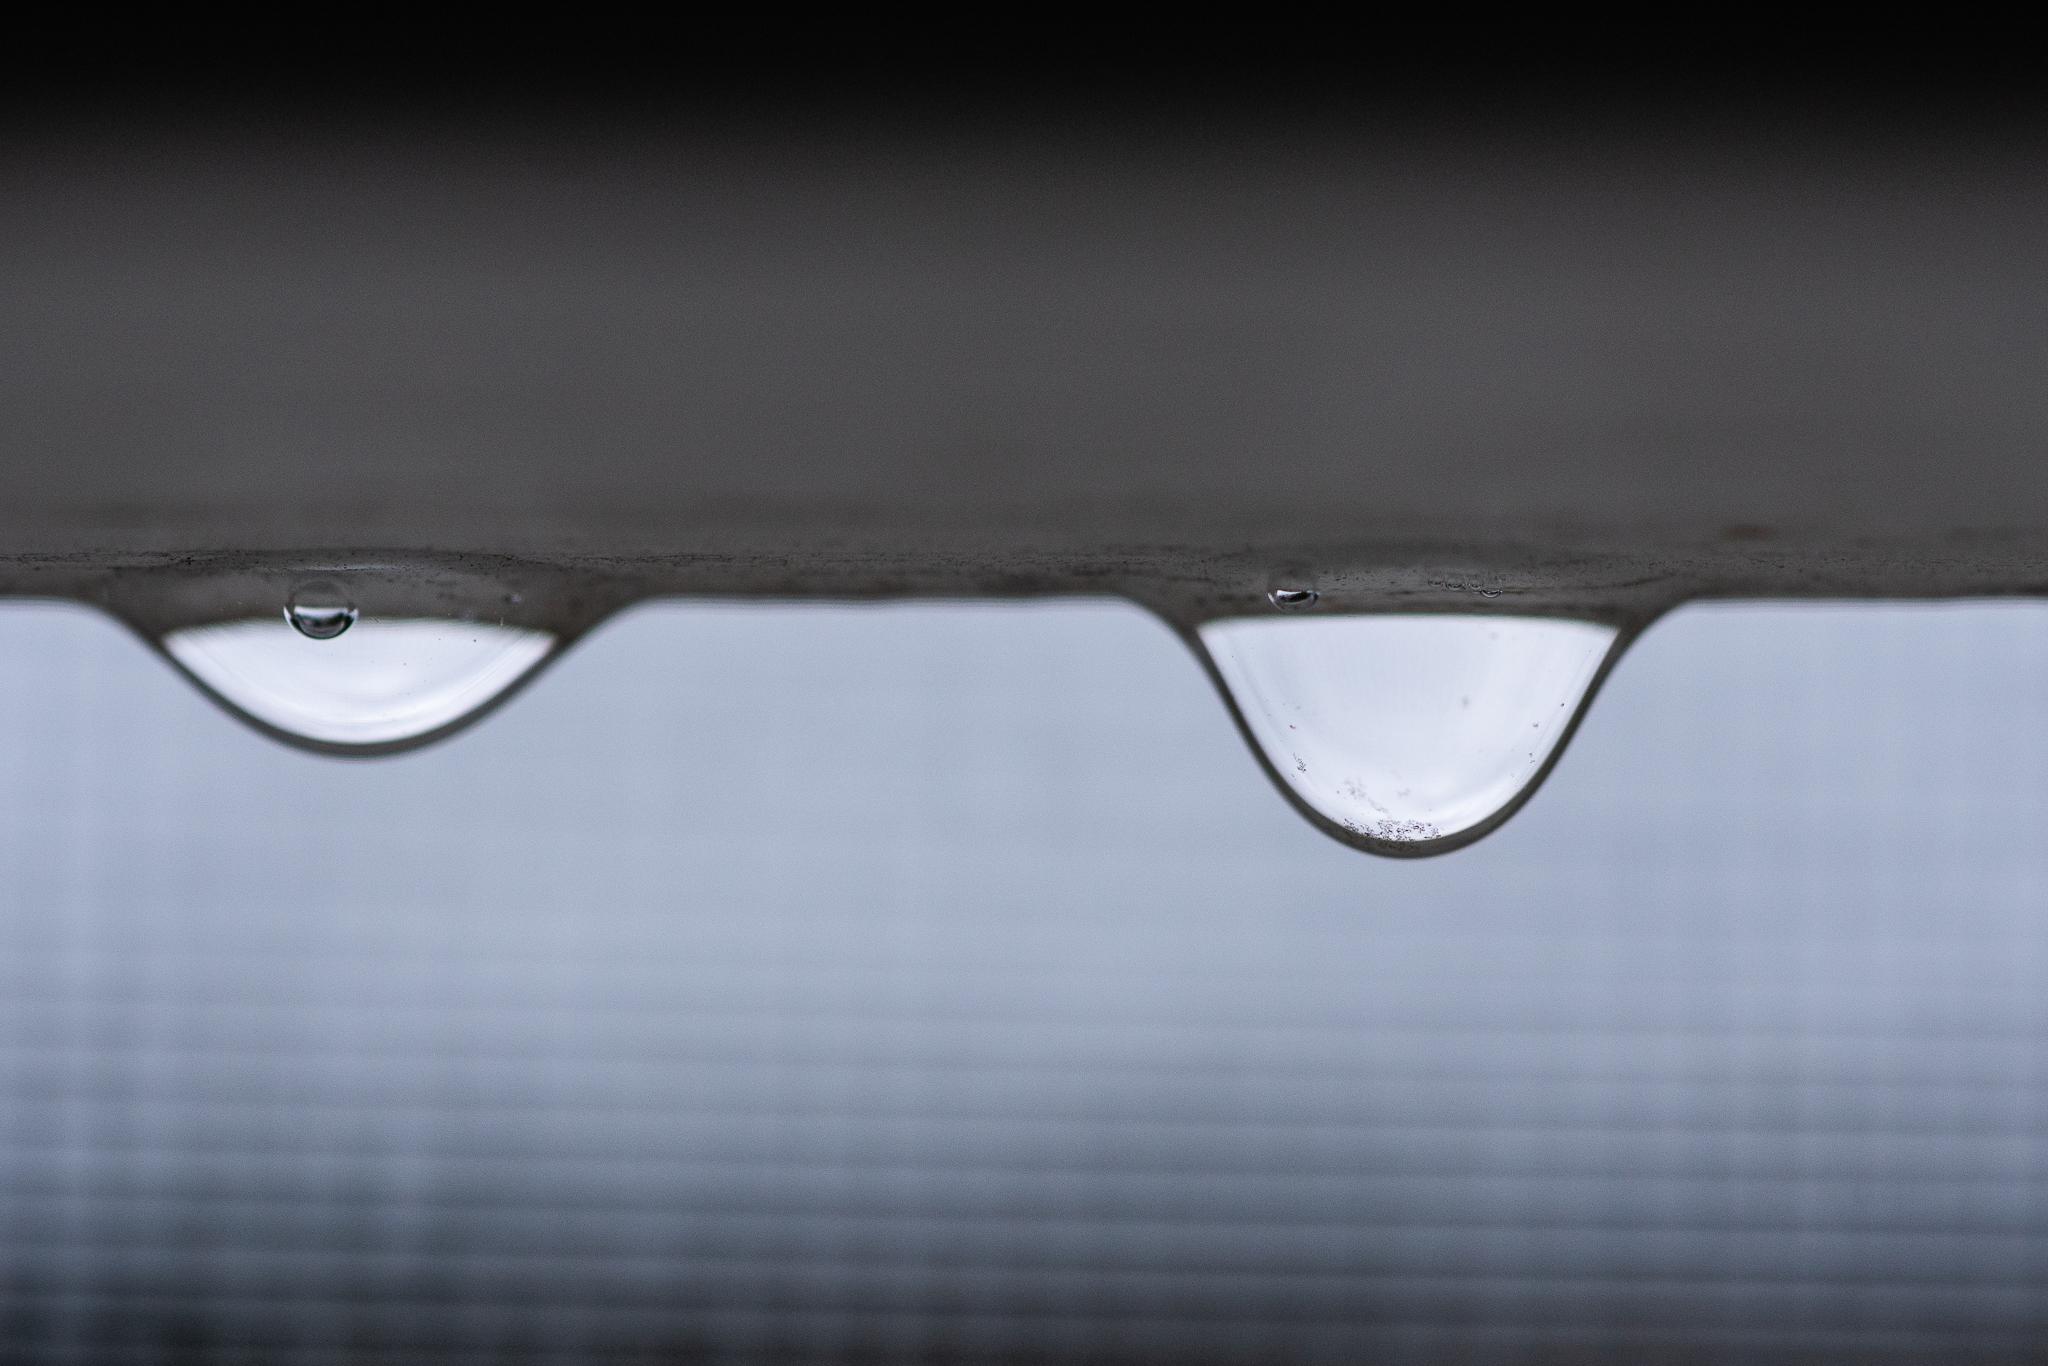 Rain Drops from the Melbourne Rain